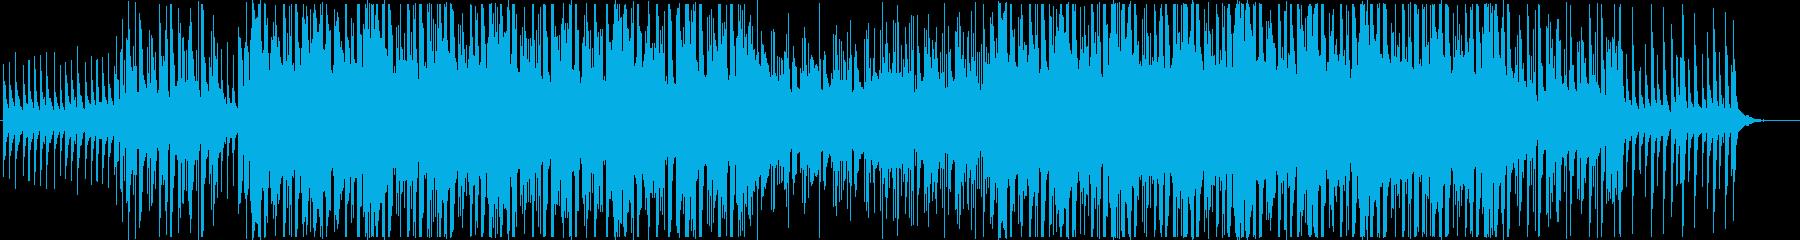 アジアン風で暖かいトロピカルハウスの再生済みの波形